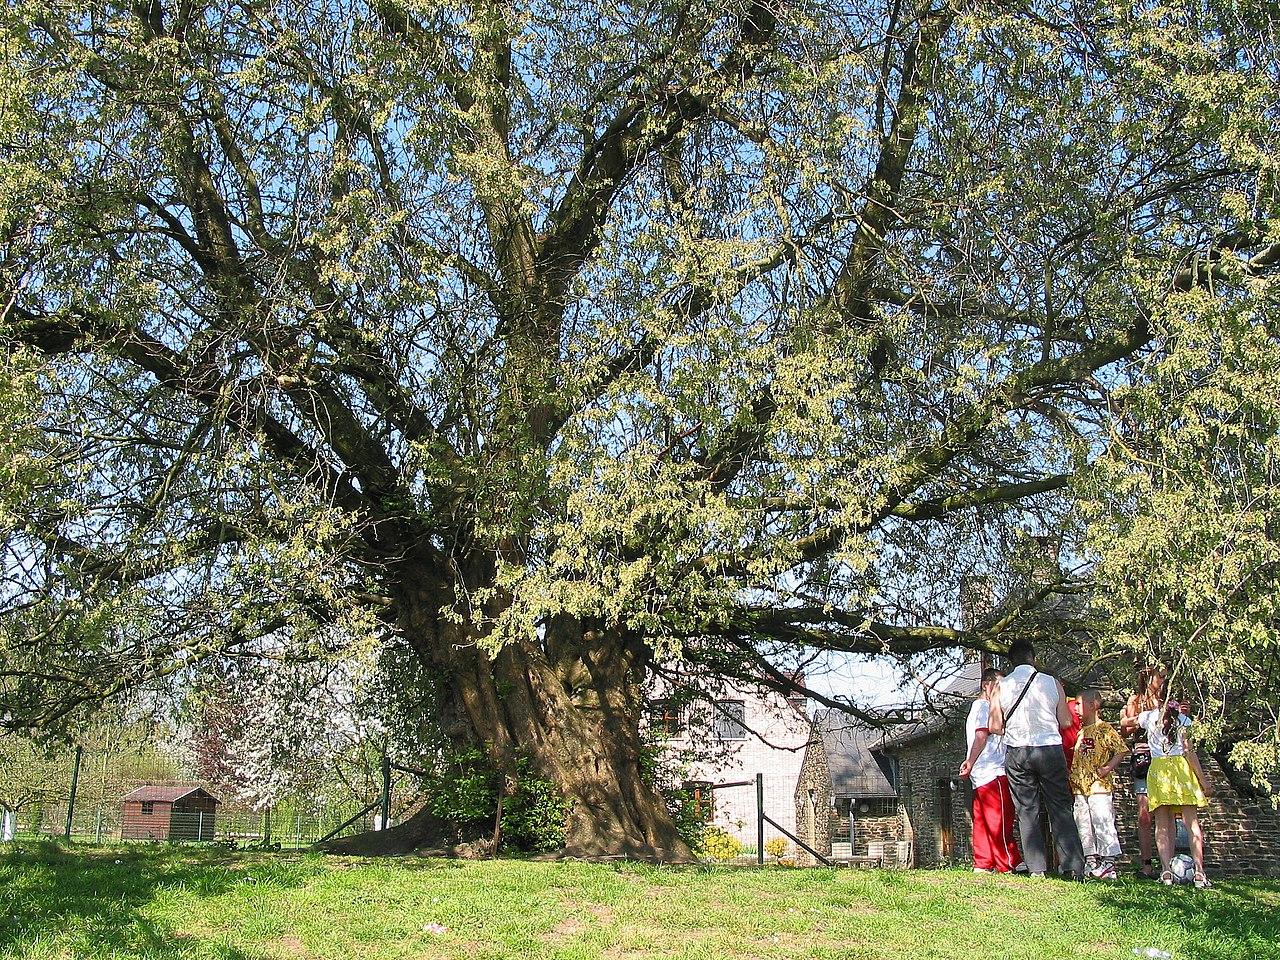 Olmo (Ulmus laevis) de gran porte, en Casteau (Bélgica). Su circunferencia es de 515 cm.